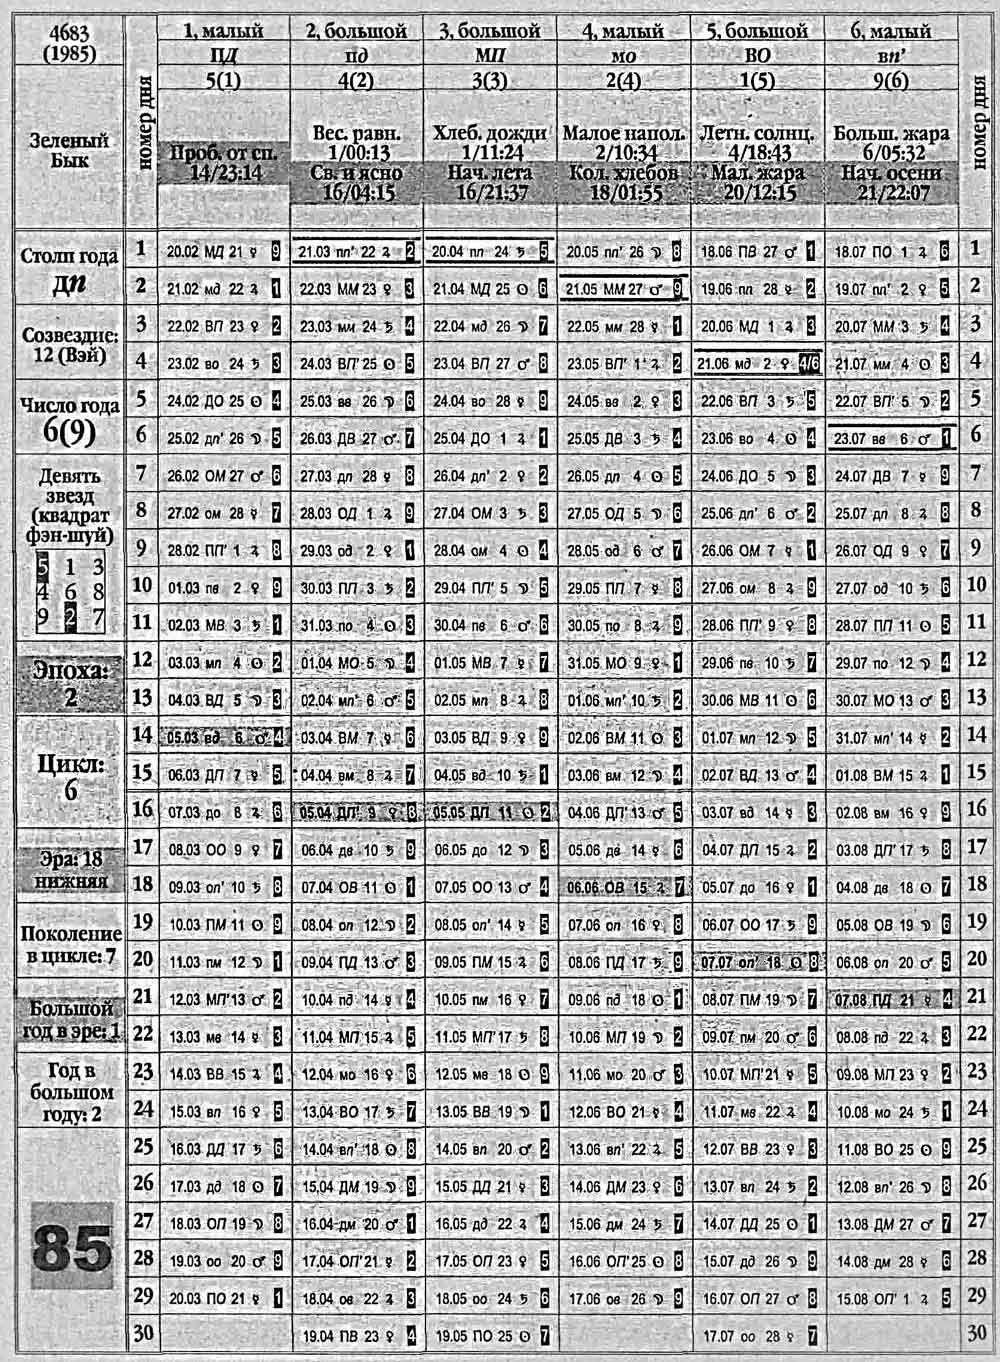 Китайскому по гороскопу 85 год